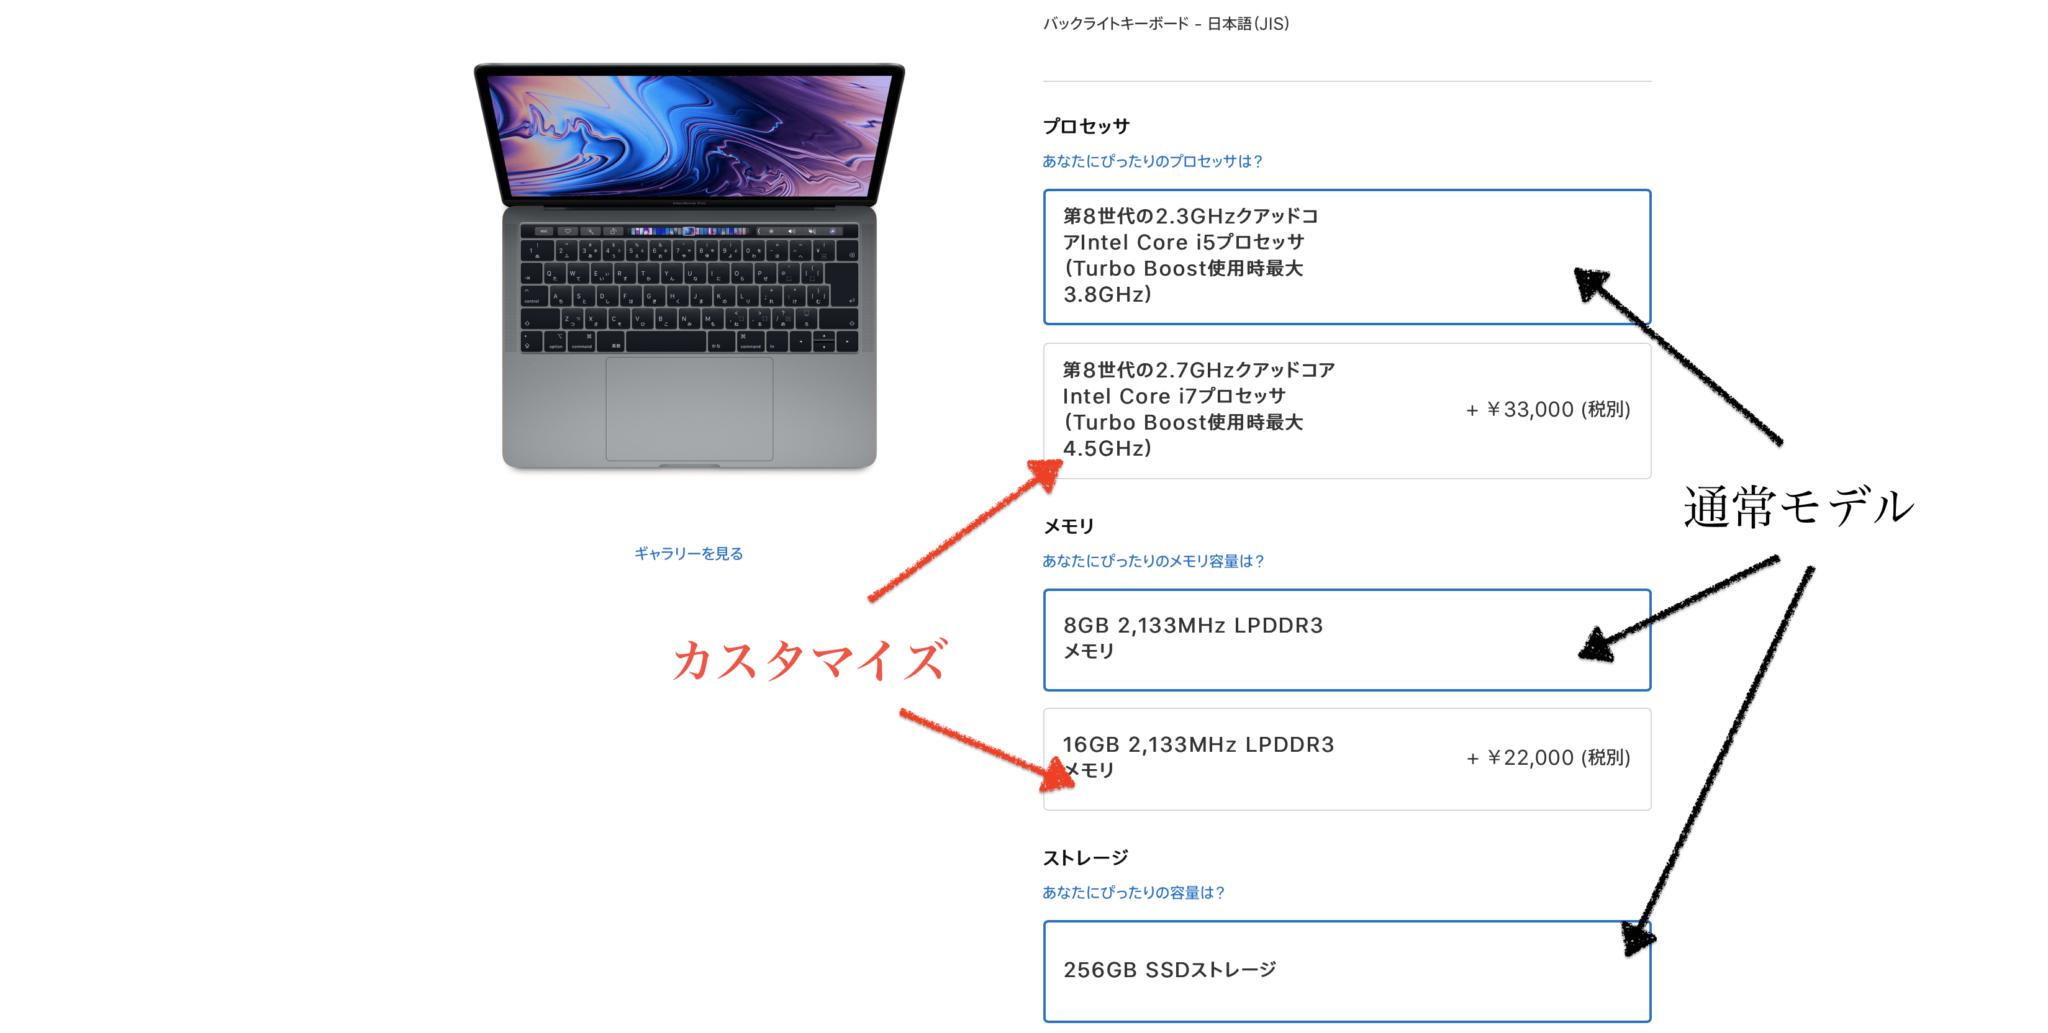 MacBookはカスタマイズ注文できる